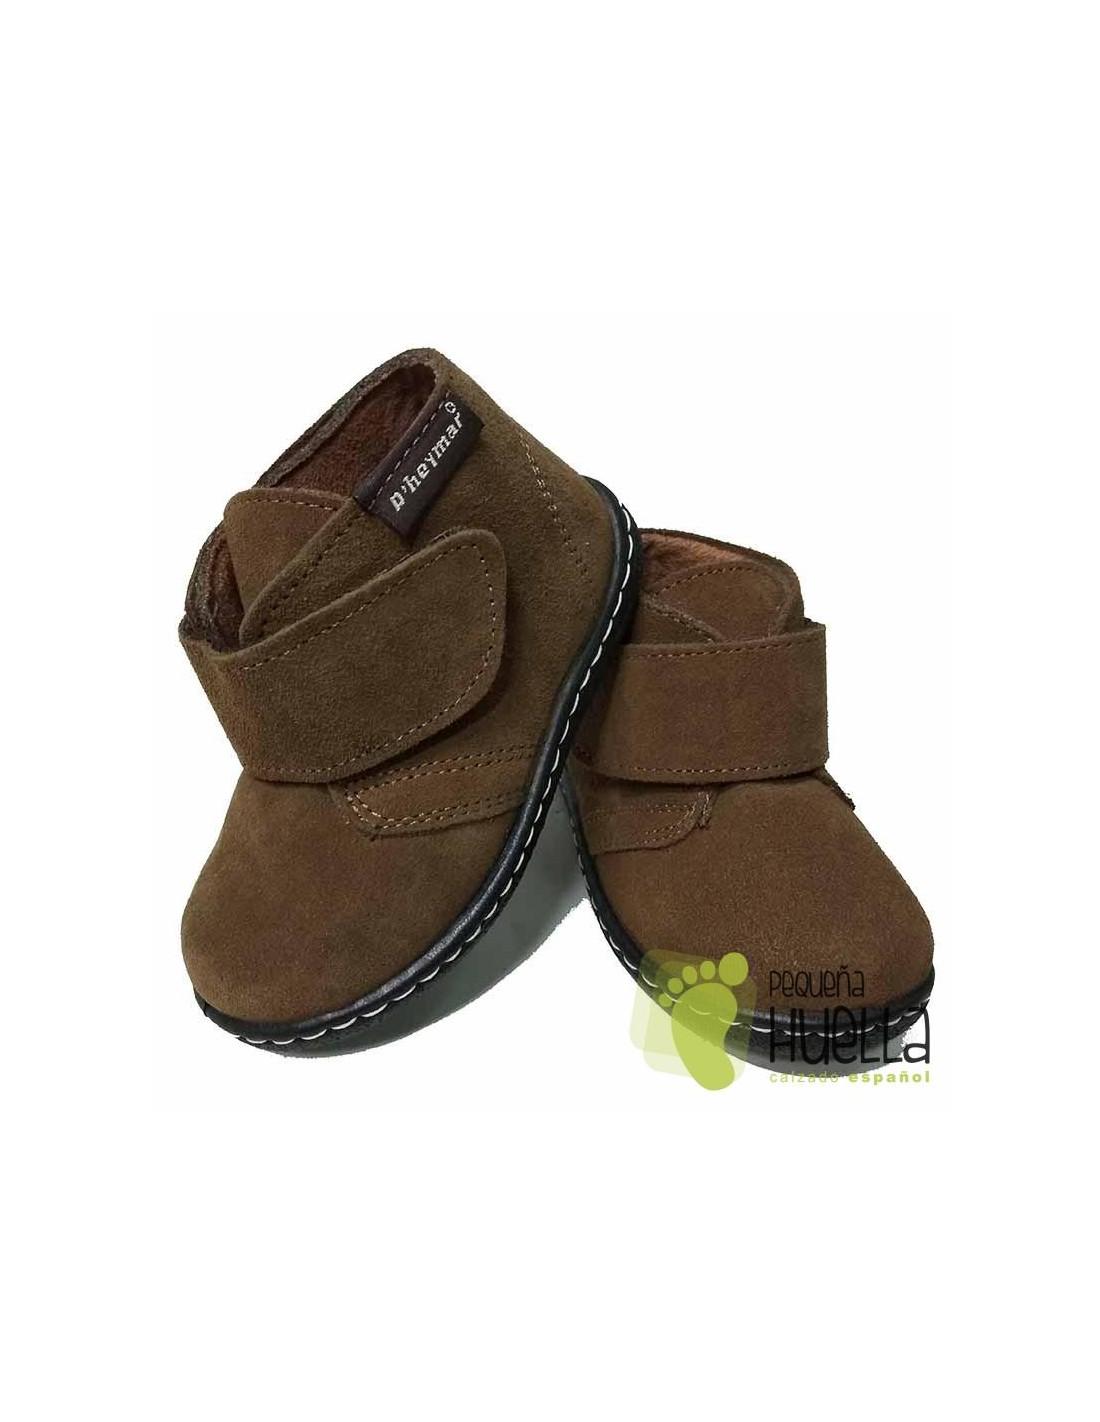 49efa2cd68d Comprar Botas de Piel serraje con Velcro para Niños en Madrid y Online